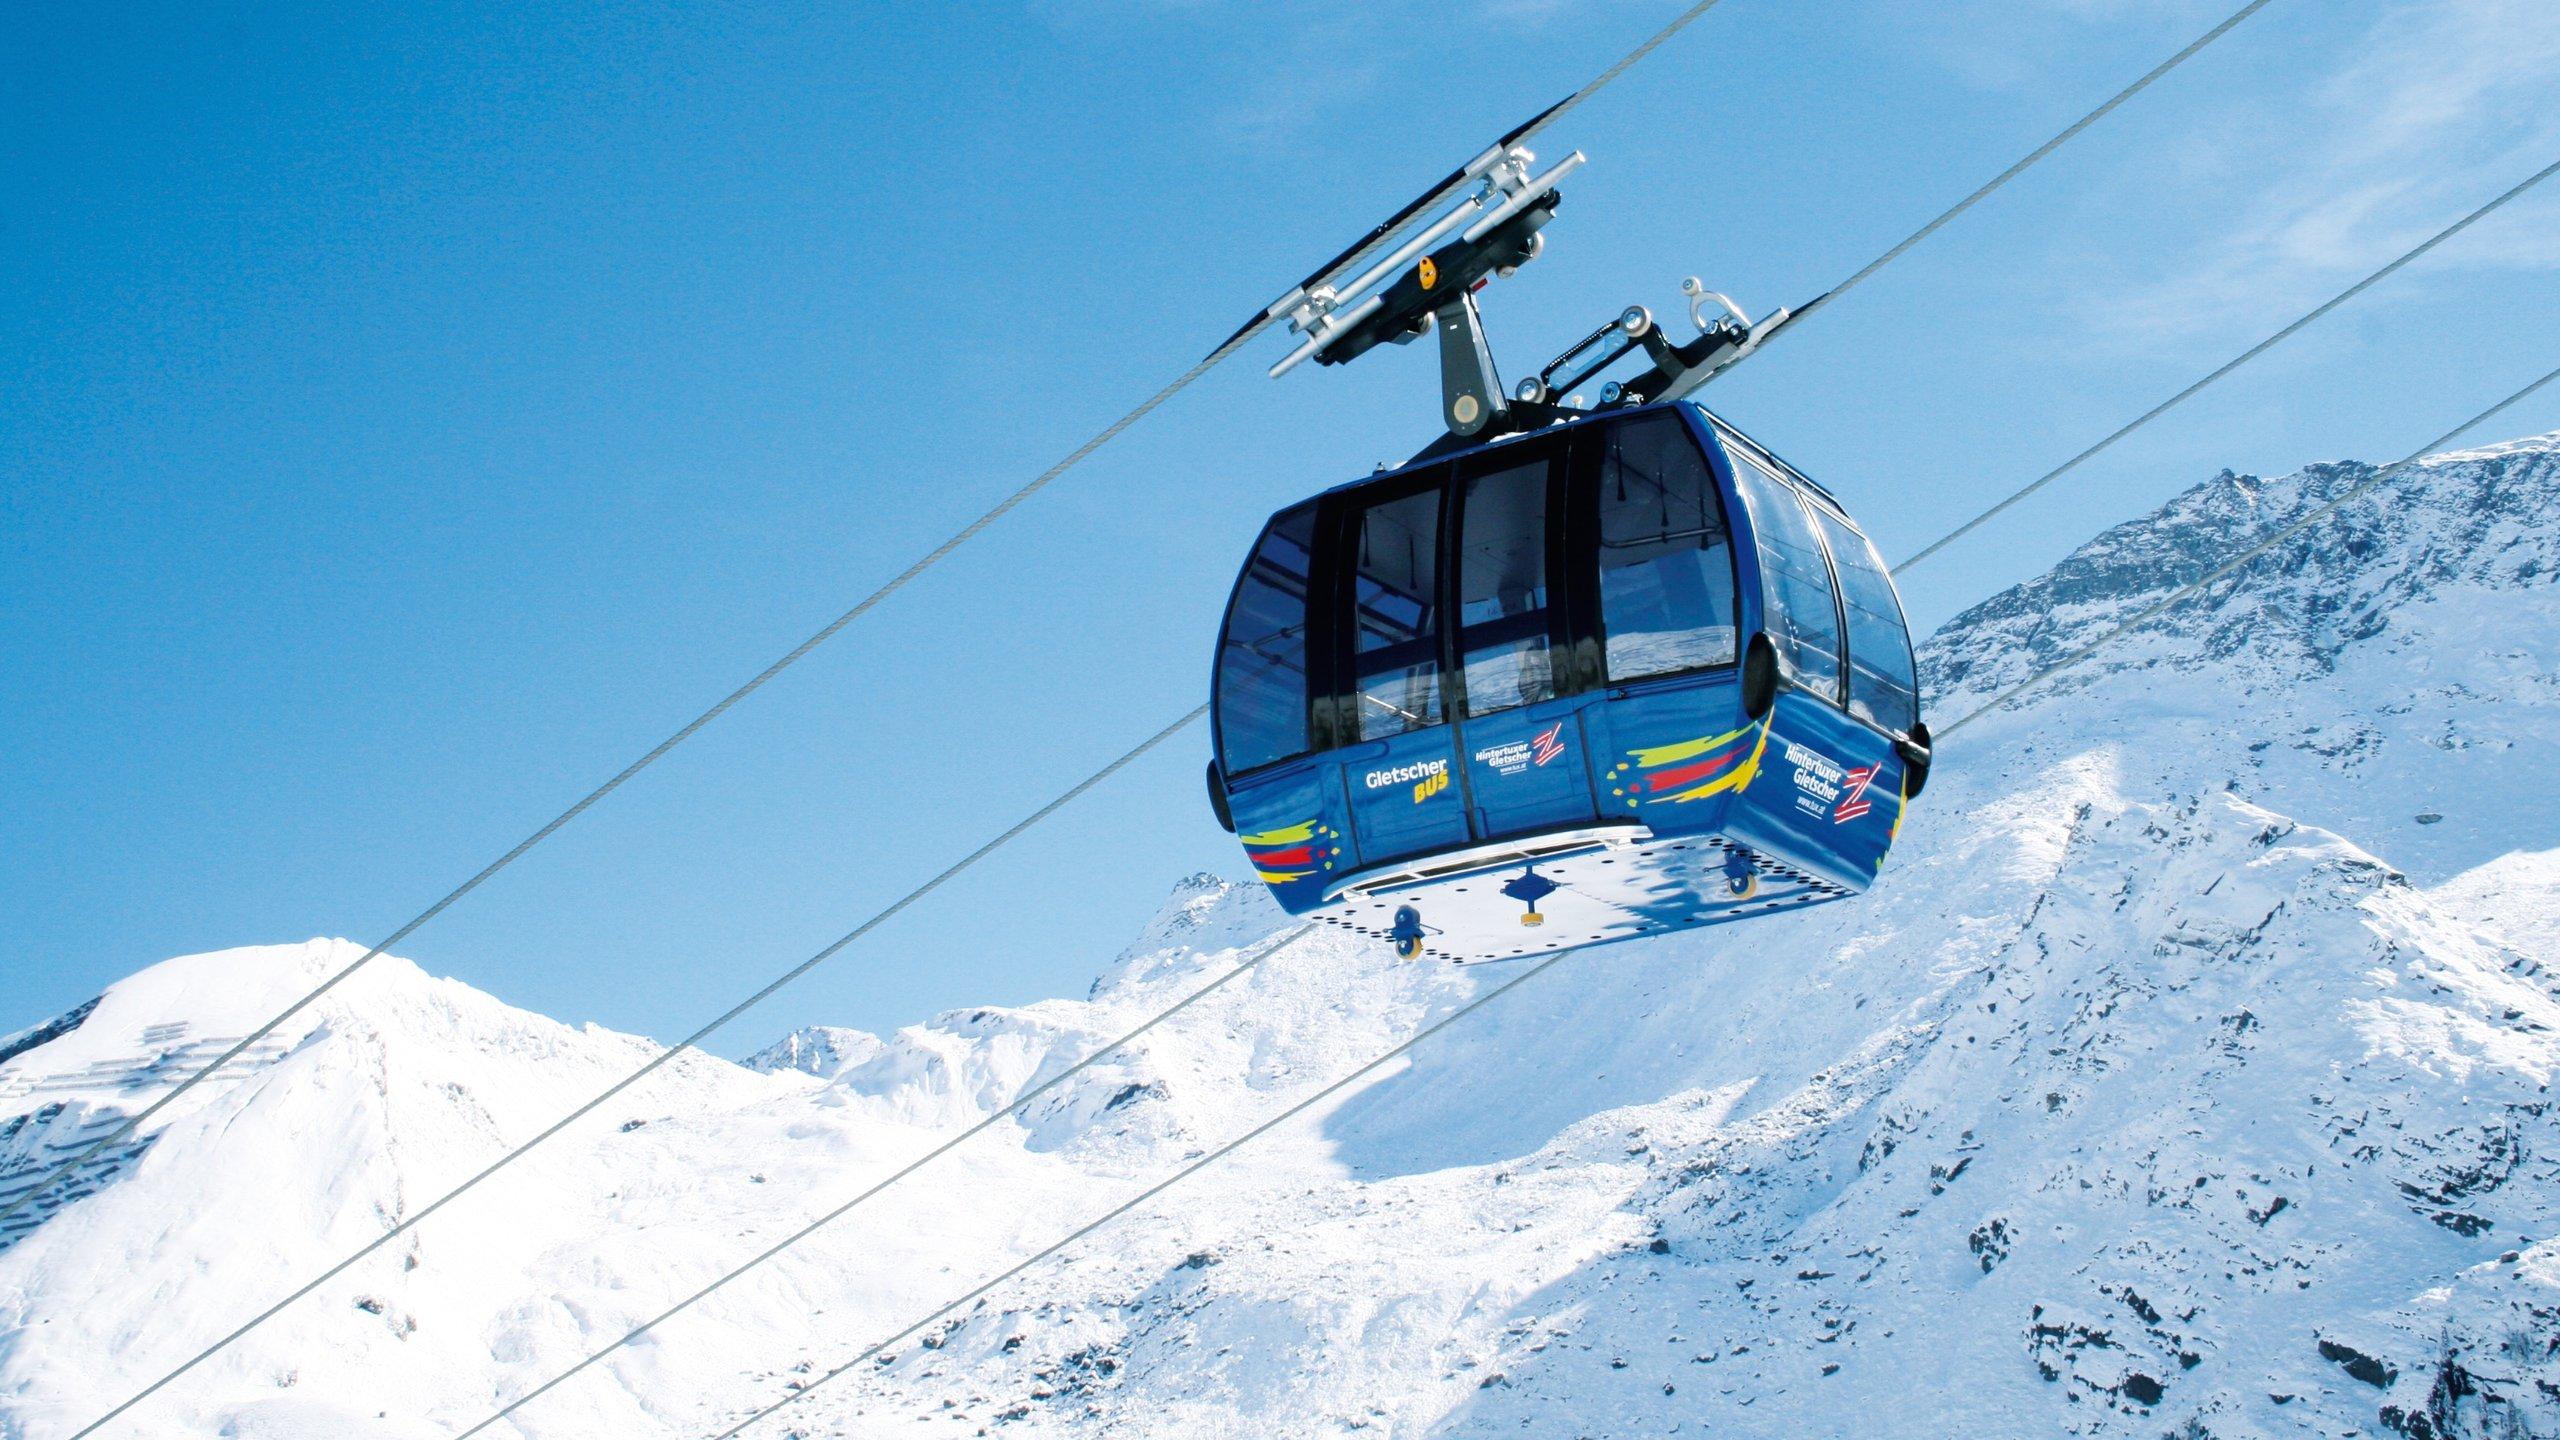 Skiresort Hintertux Gletscher, Tux, Tirol, Oostenrijk